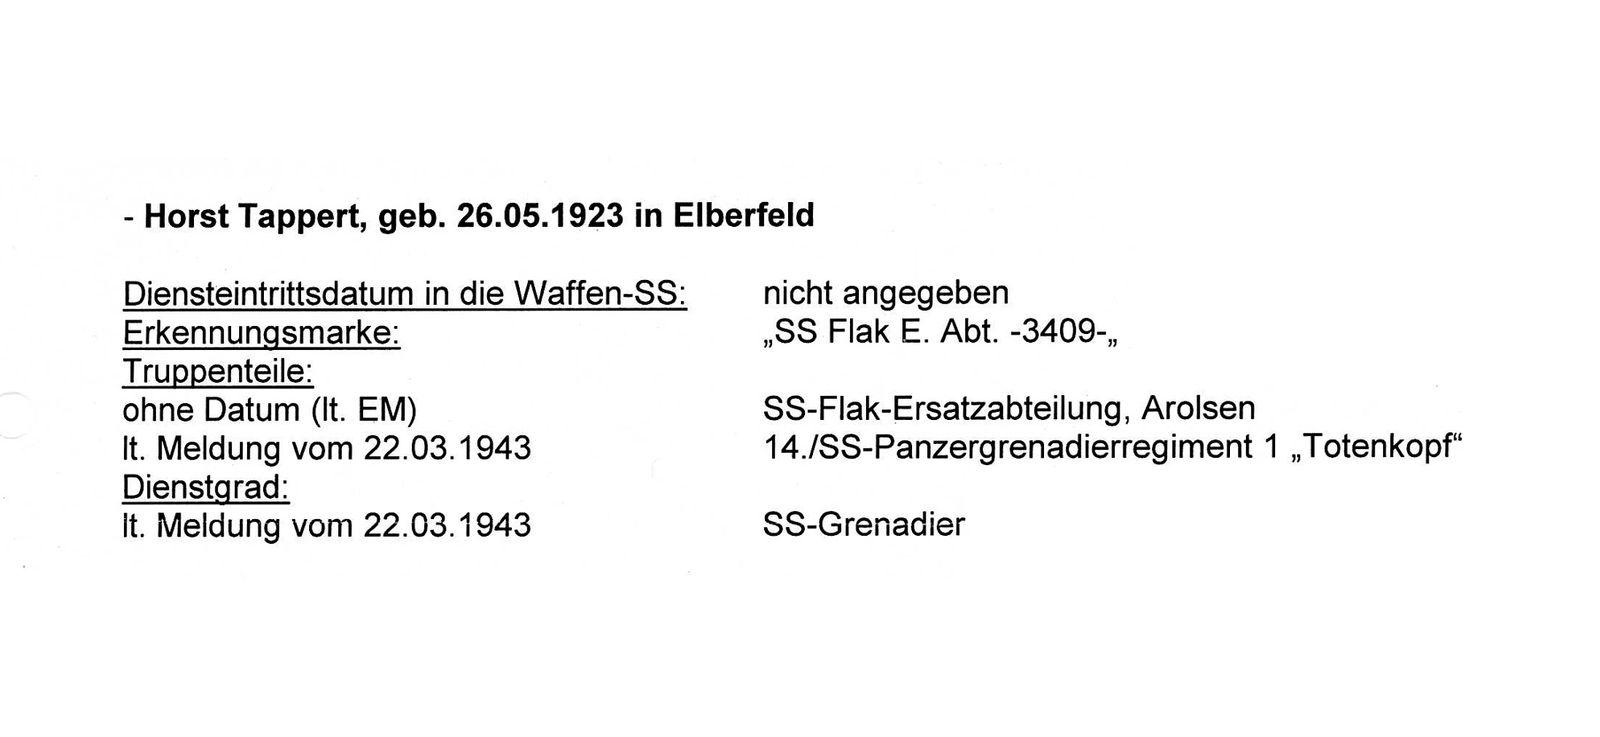 Horst Tappert/ Waffen-SS